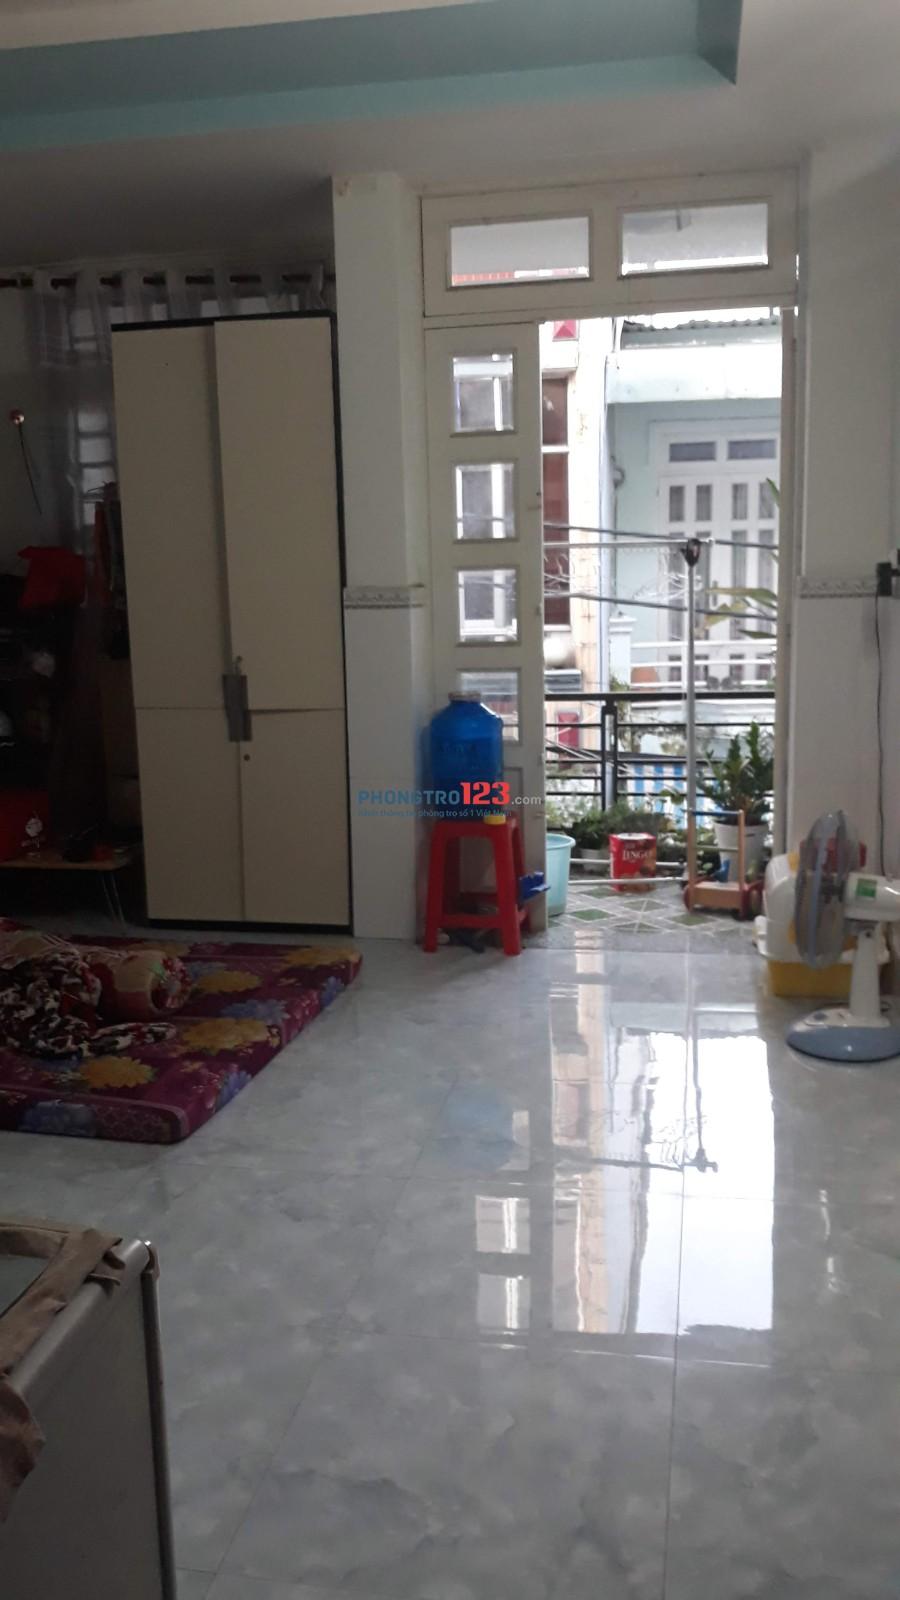 Nhà cho thuê 1T 2L 4P, DT 4X13m2, Trường Chinh, Tân Bình